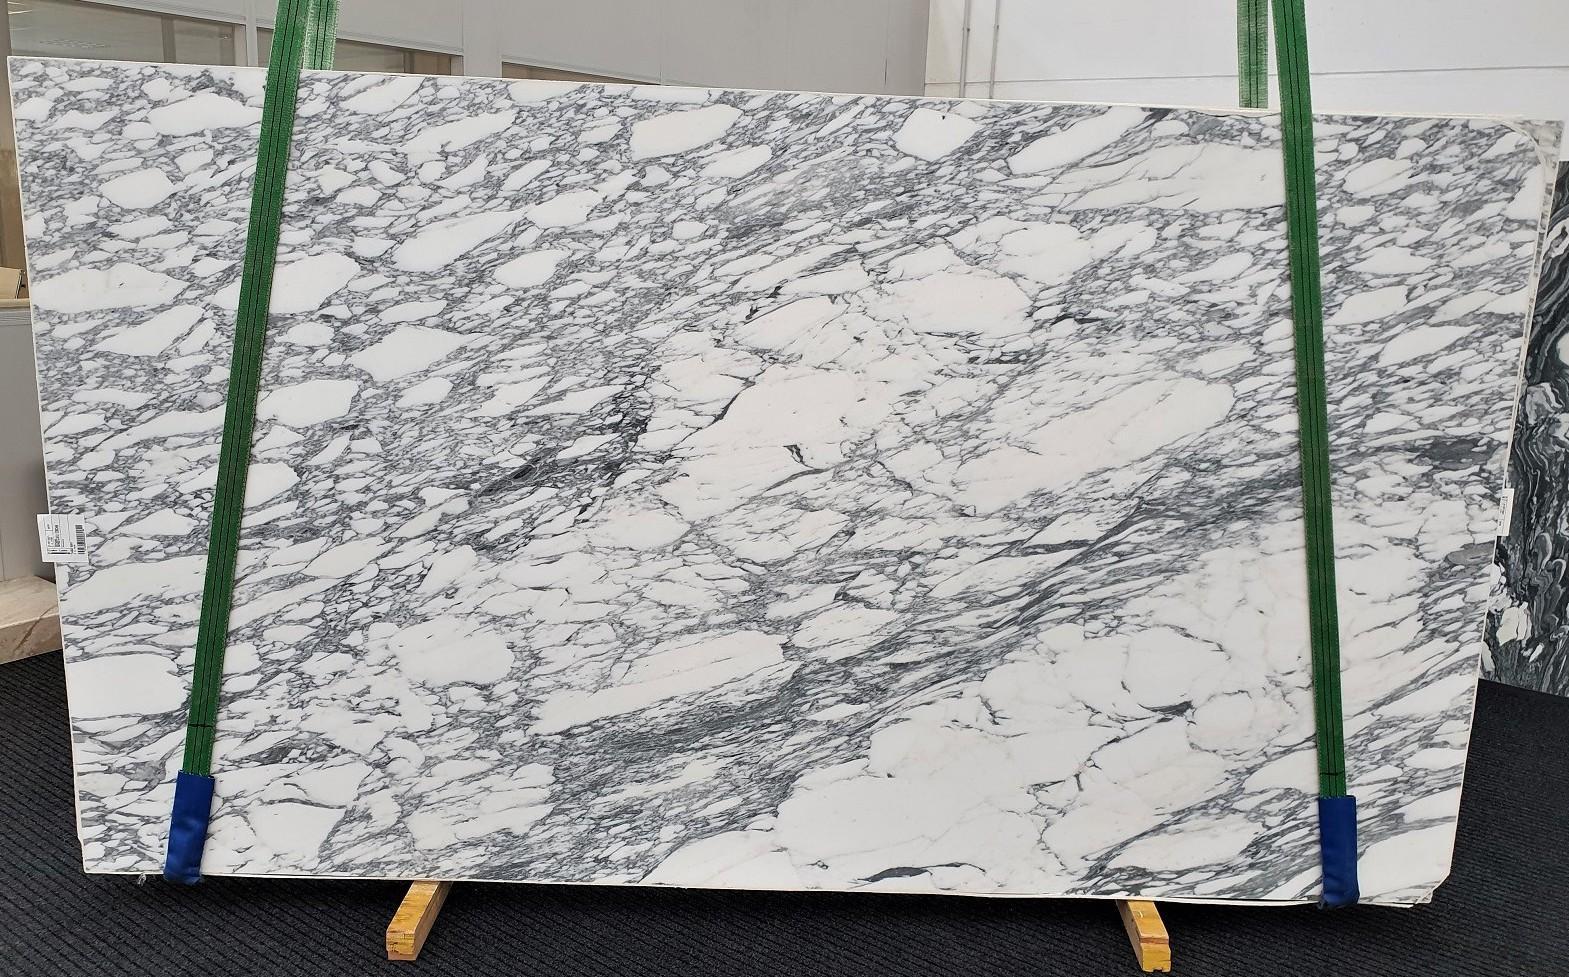 ARABESCATO CORCHIA geschliffene Unmaßplatten 1420 aus Natur Marmor , Slab #34: Lieferung Veneto, Italien